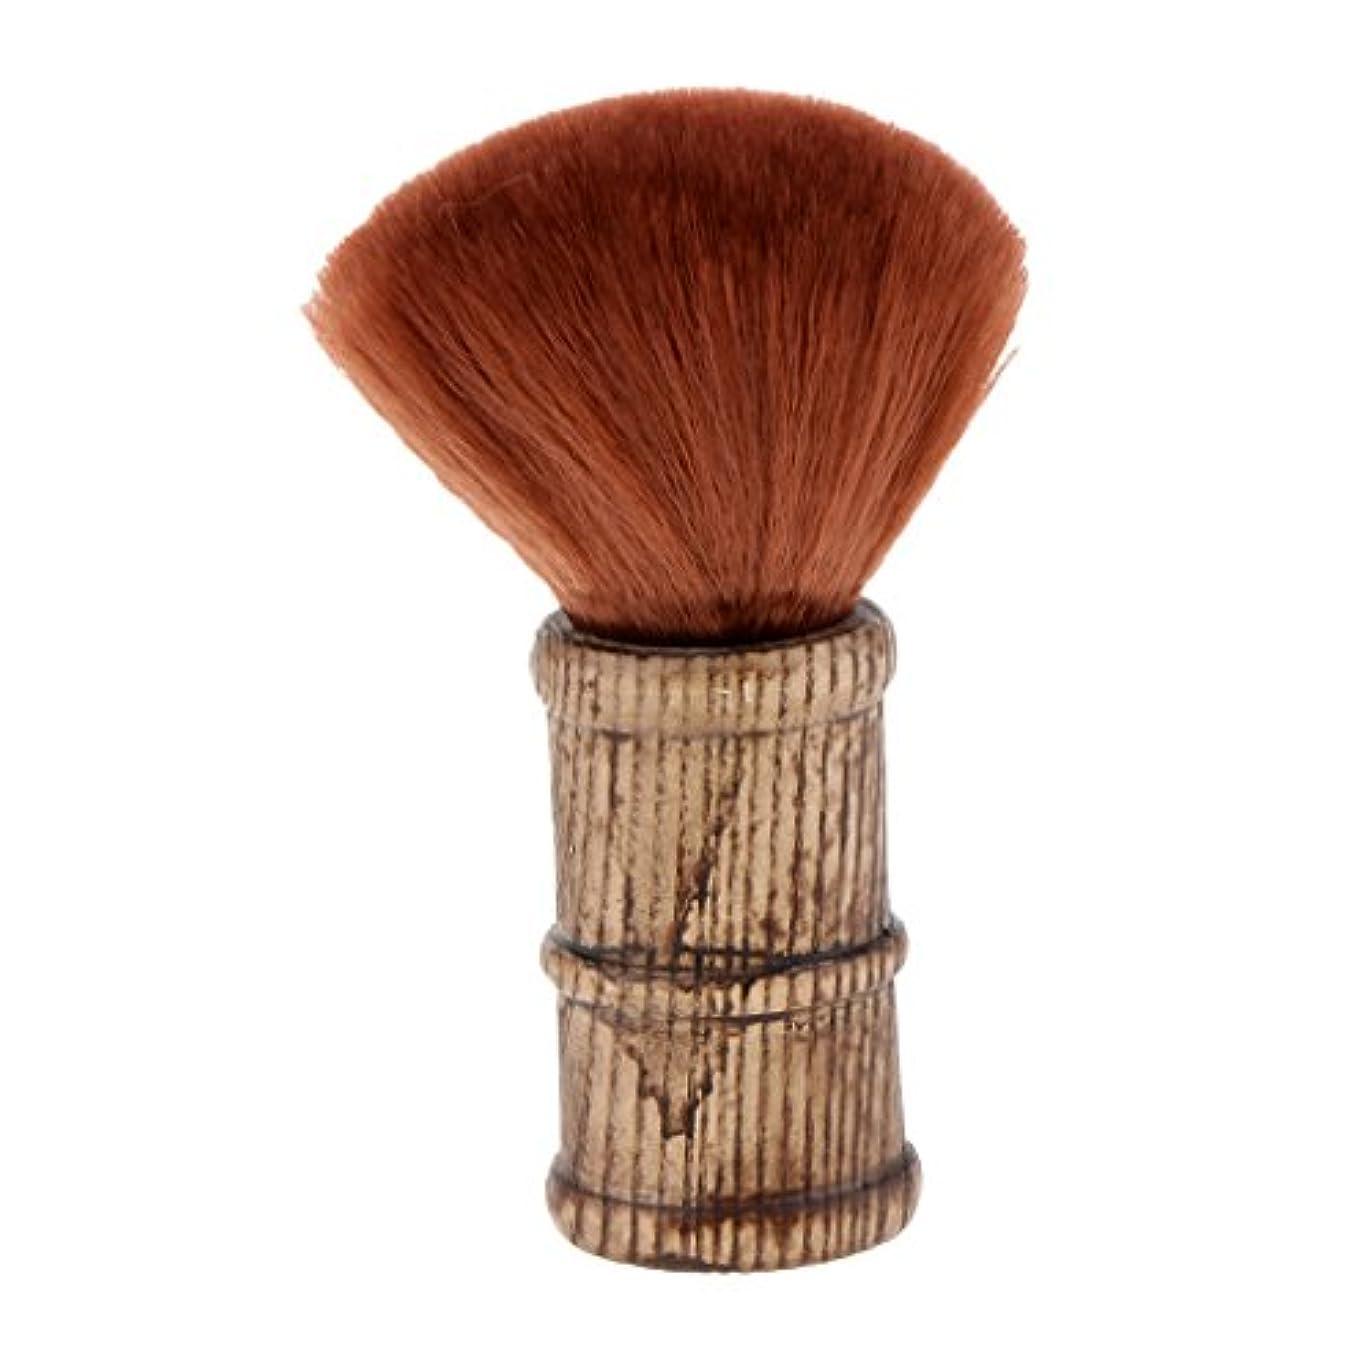 自我酸化物価値Homyl ネックダスターブラシ ヘアカットブラシ メイクブラシ サロン 理髪師 散髪 ブラシ 滑り防止 耐久性 2色選べる - 褐色